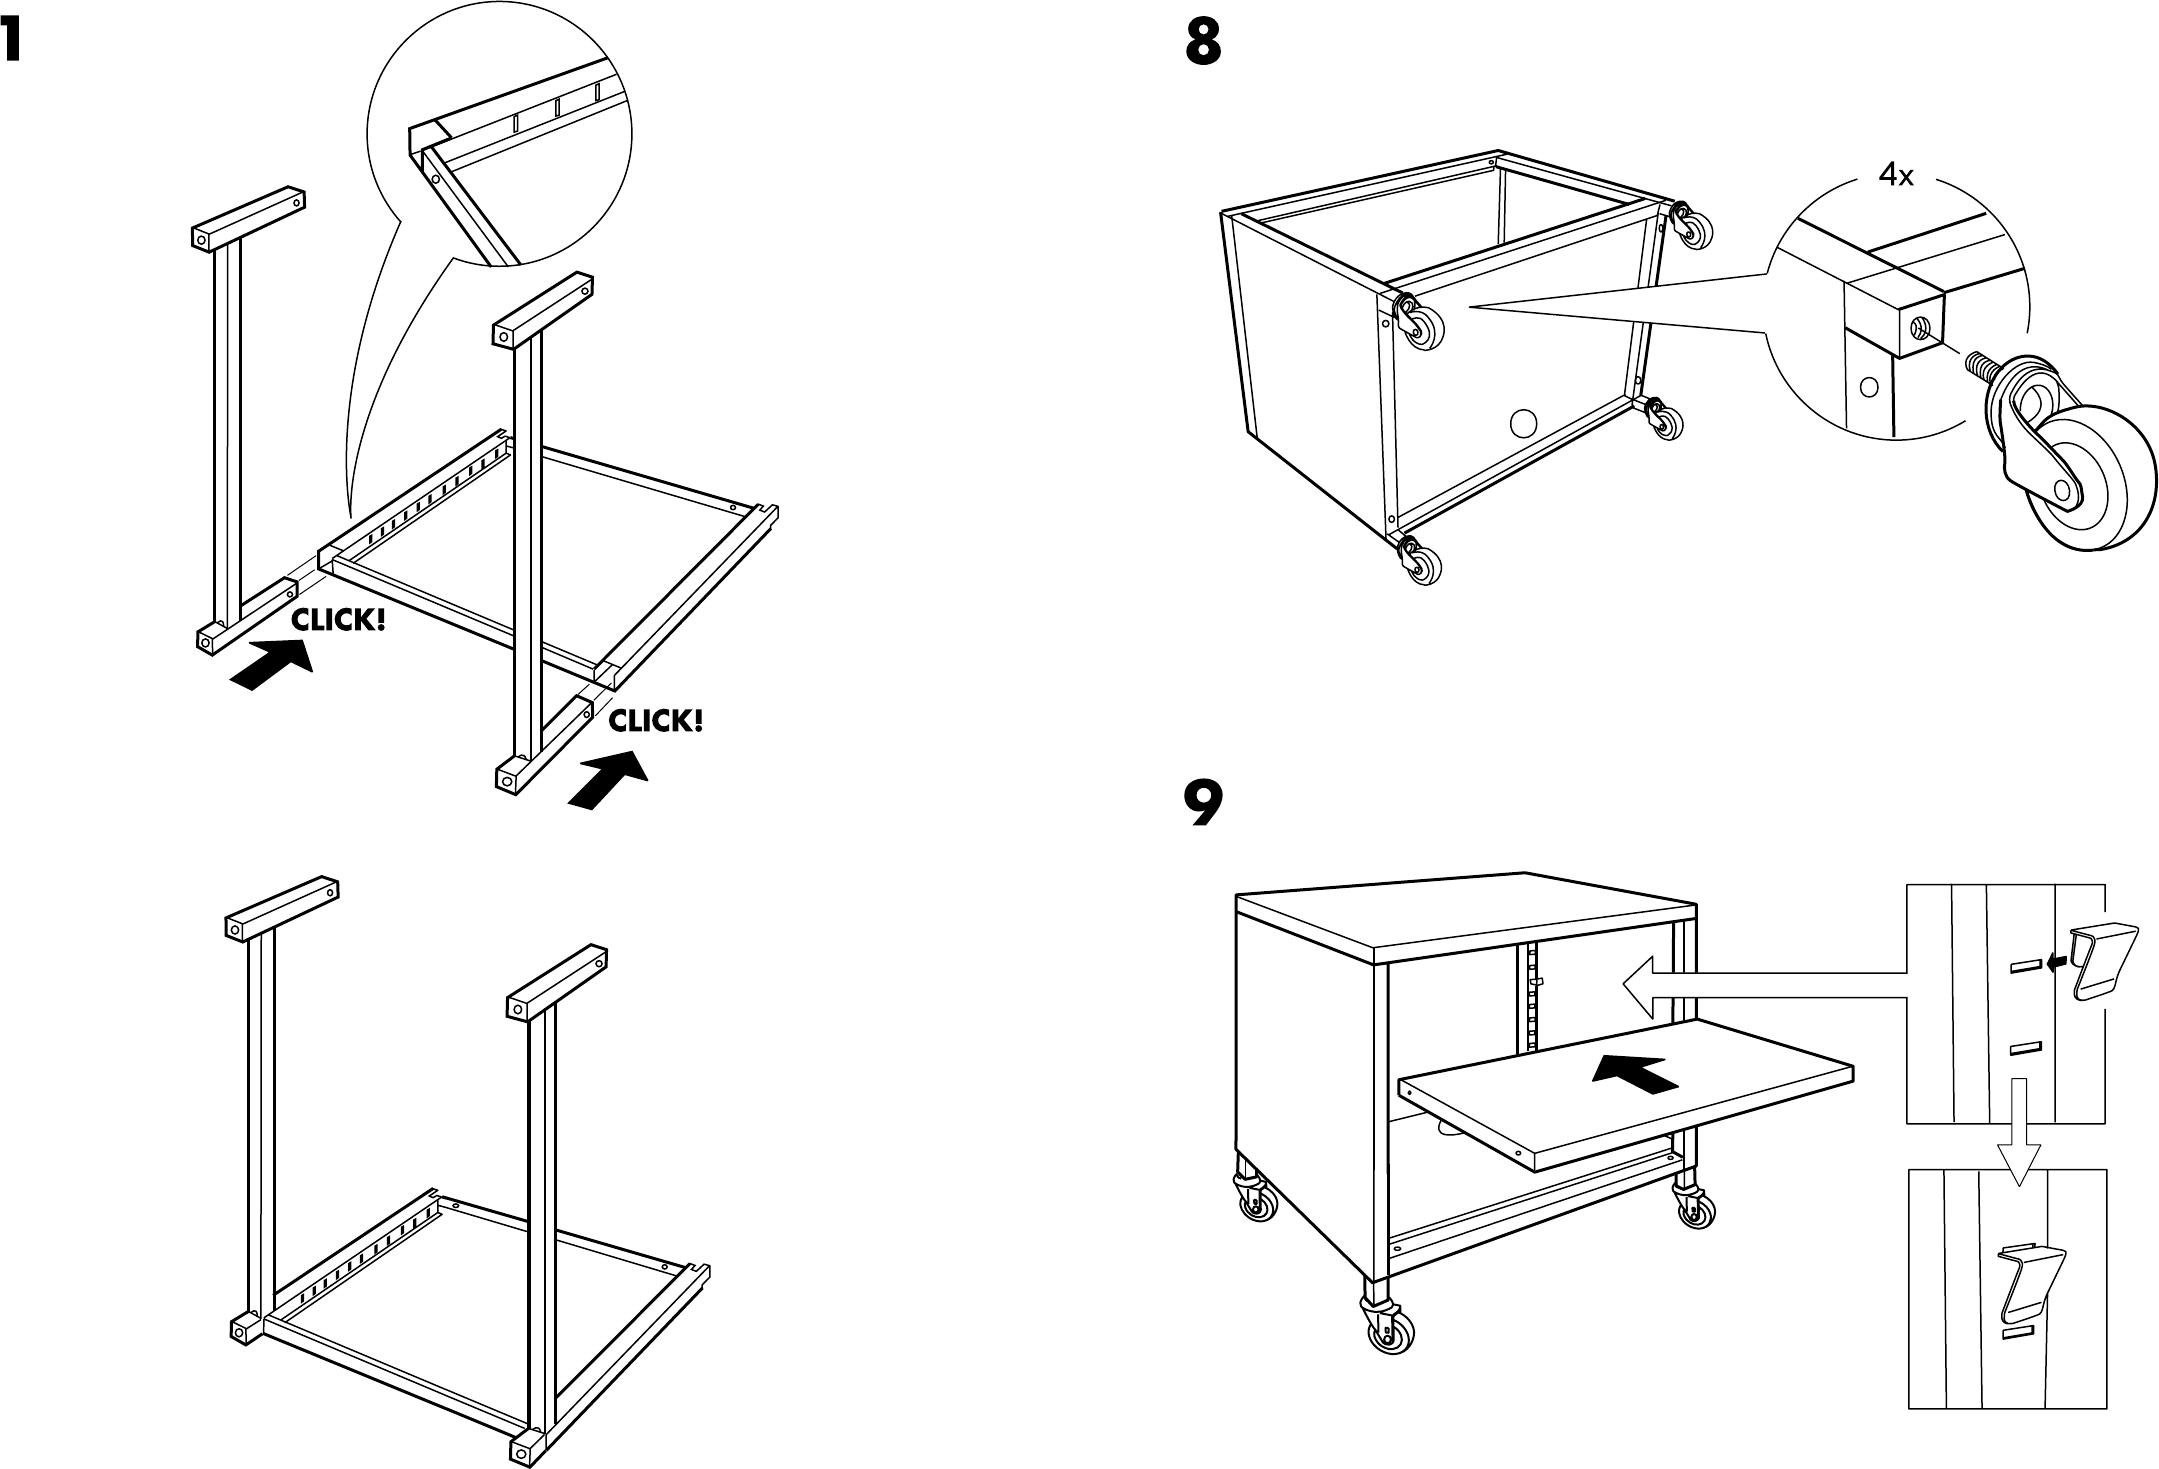 Schreibtisch Ikea Weiß Billig ~ Handleiding Ikea PS kast op wielen (pagina 4 van 6) (Dansk, Deutsch